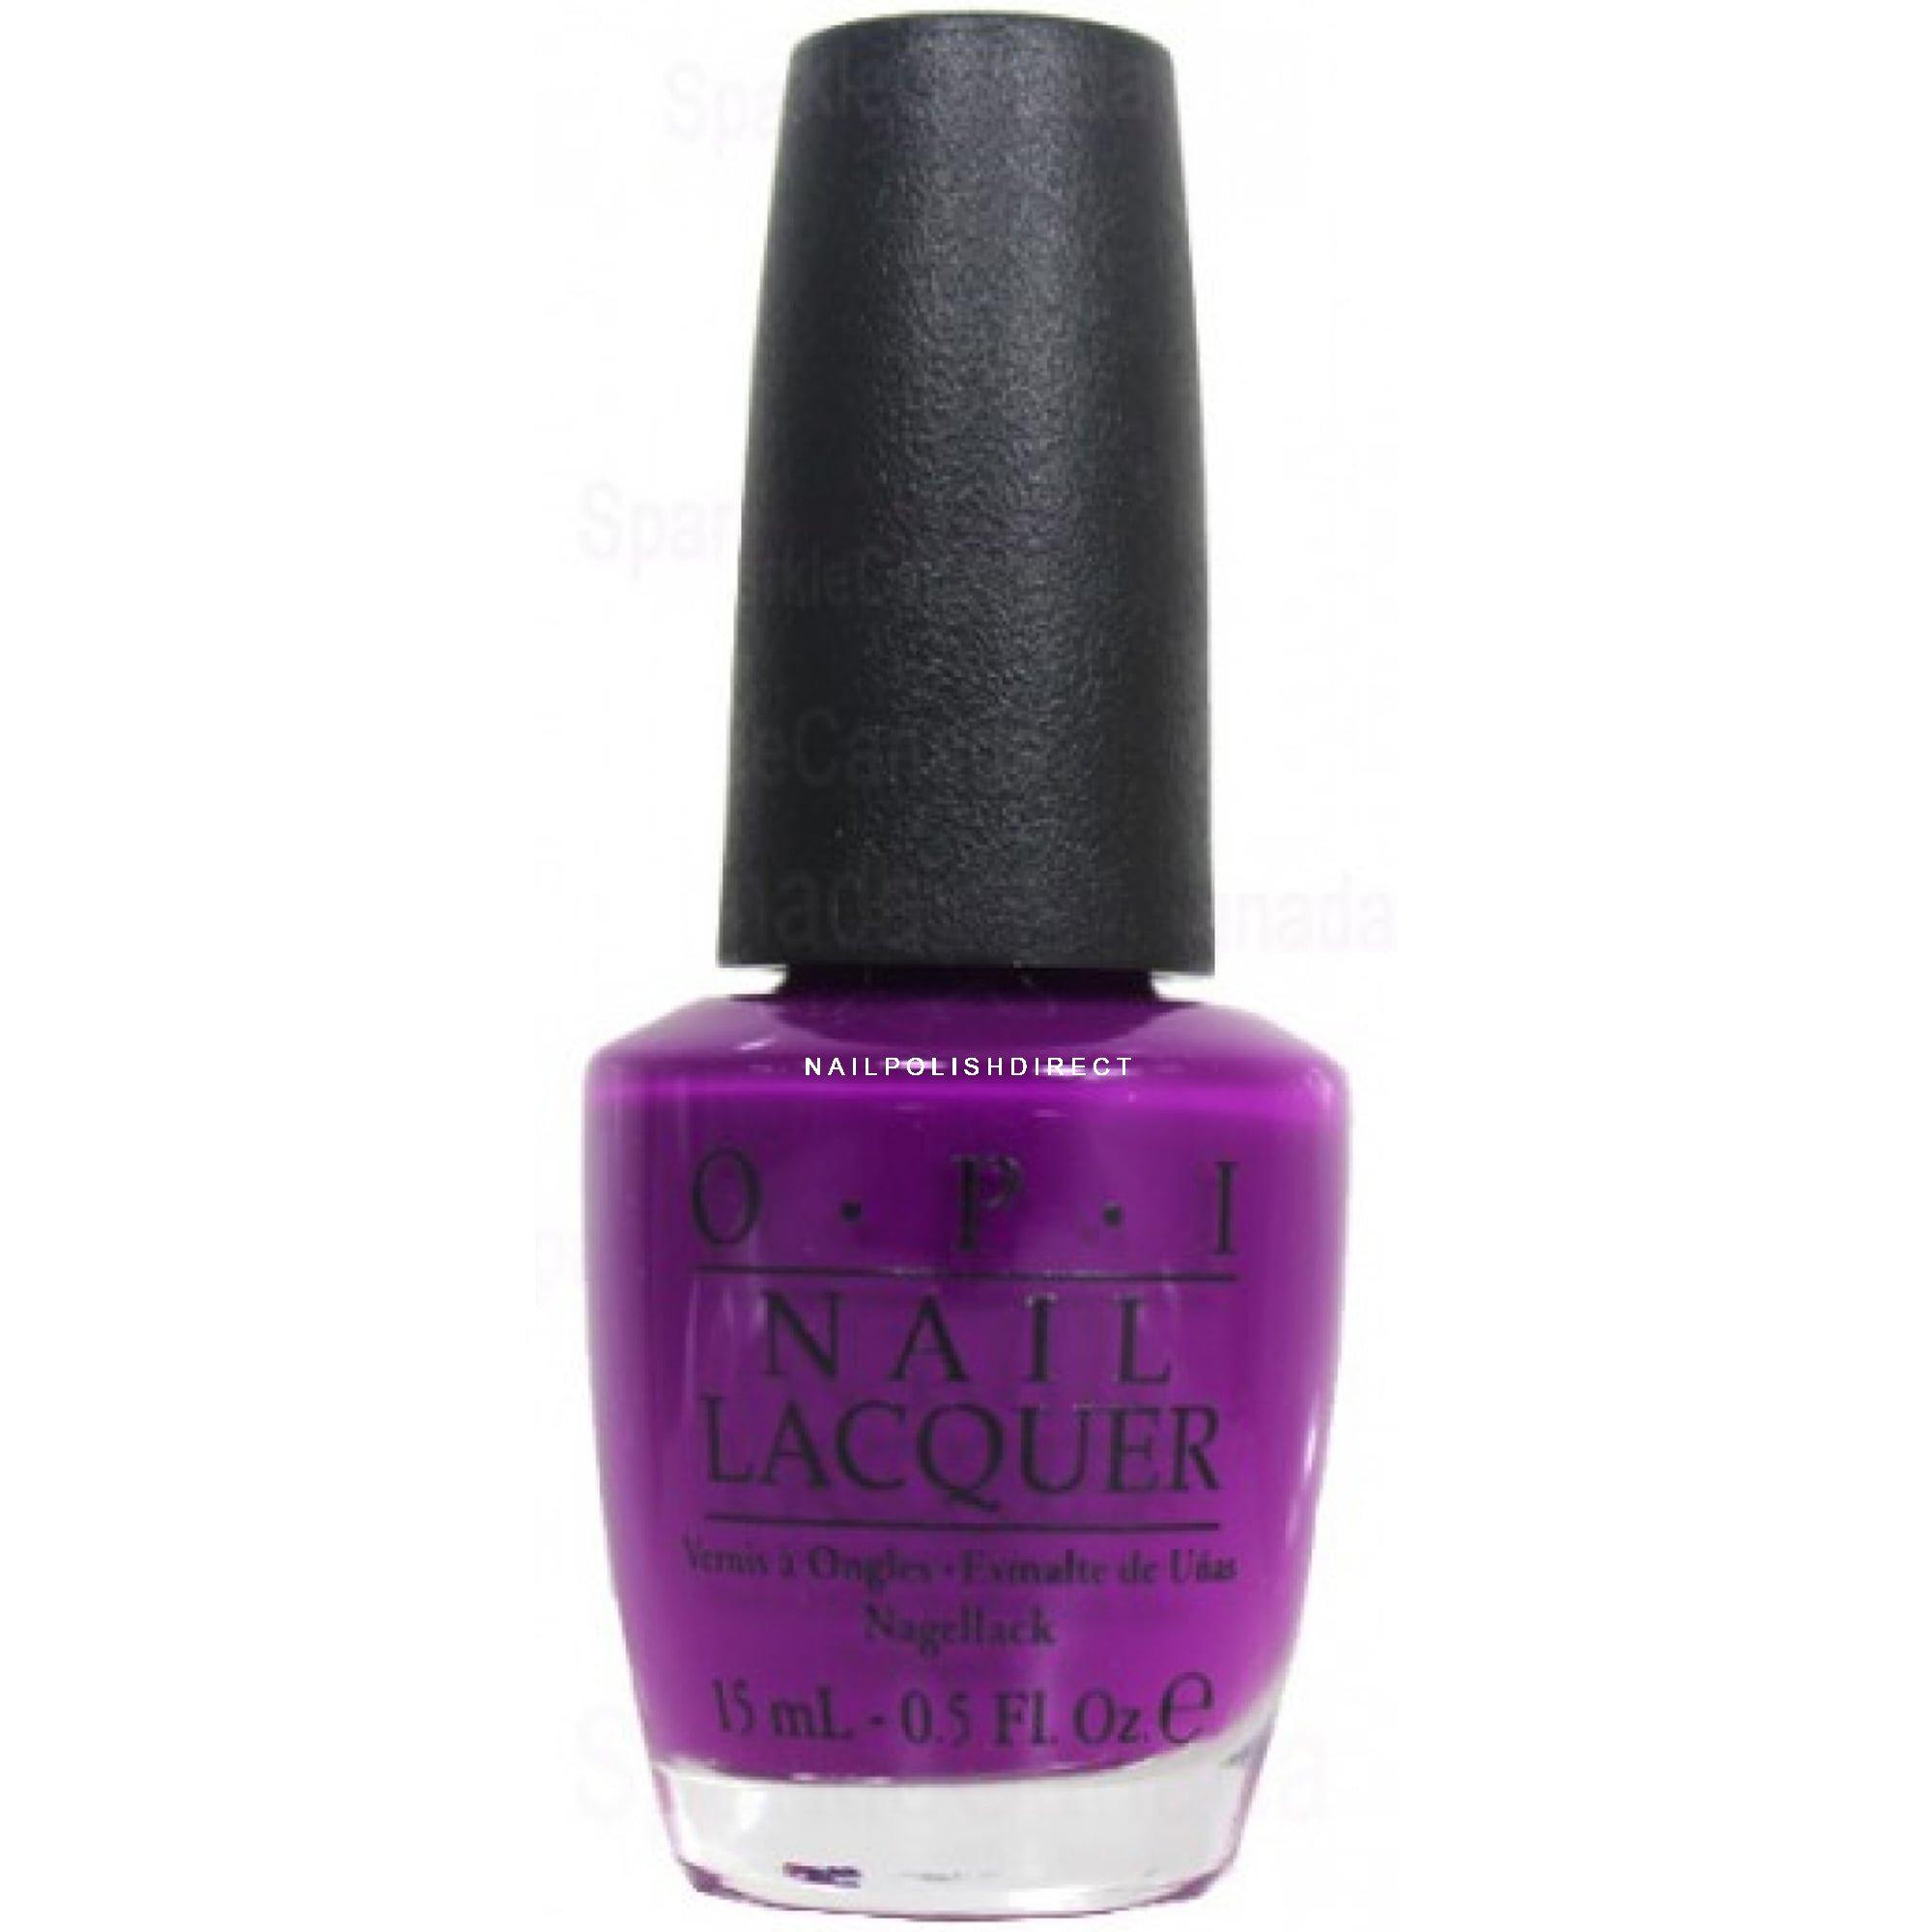 opi neon brights 2014 nail polish collection - push & pur-pull 15ml